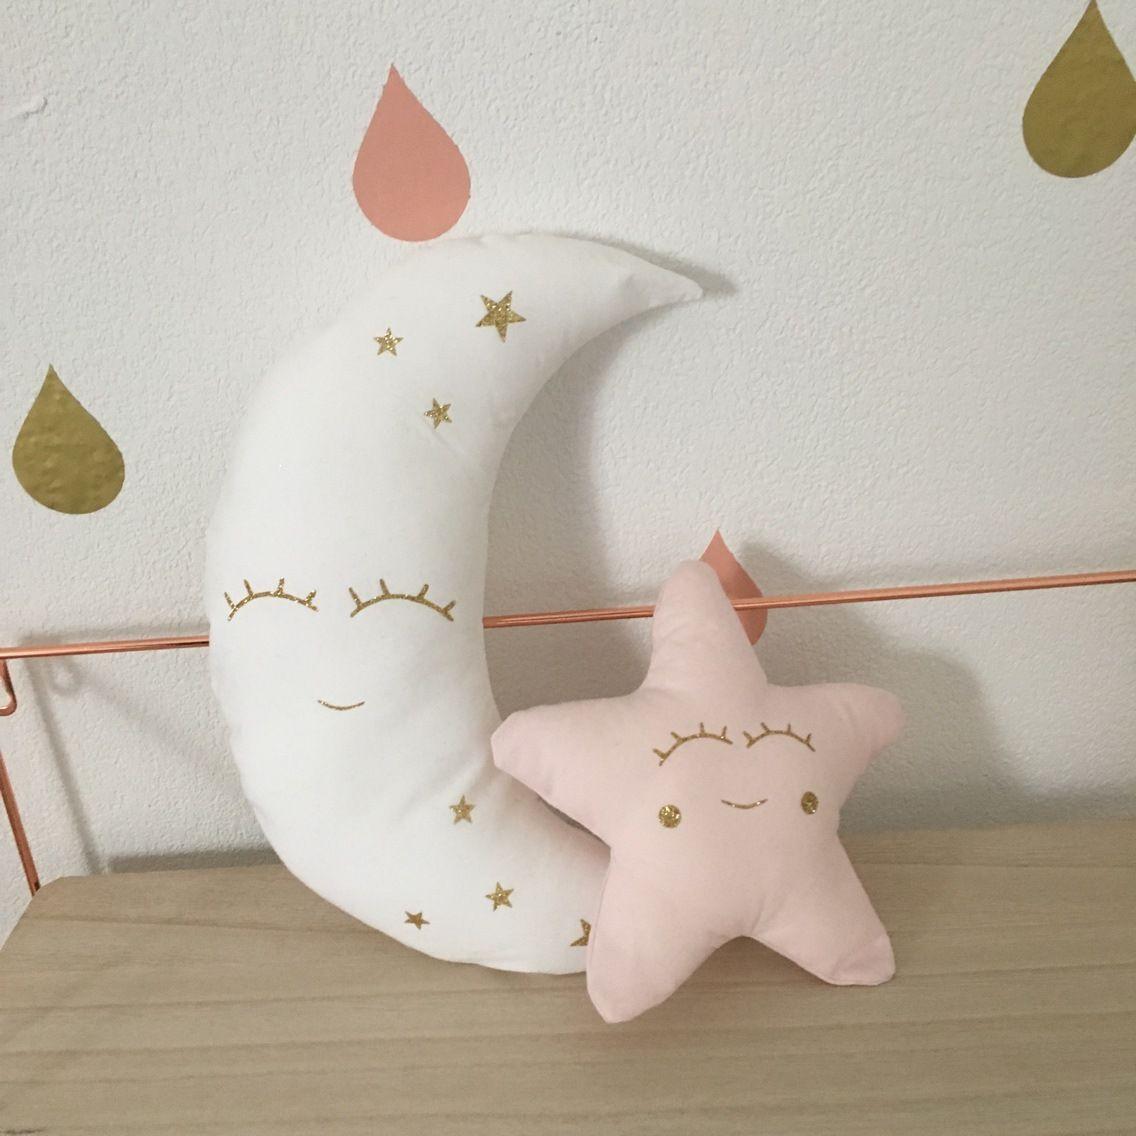 Coussin lune et étoile étincelantes, doudou enfant, décoration